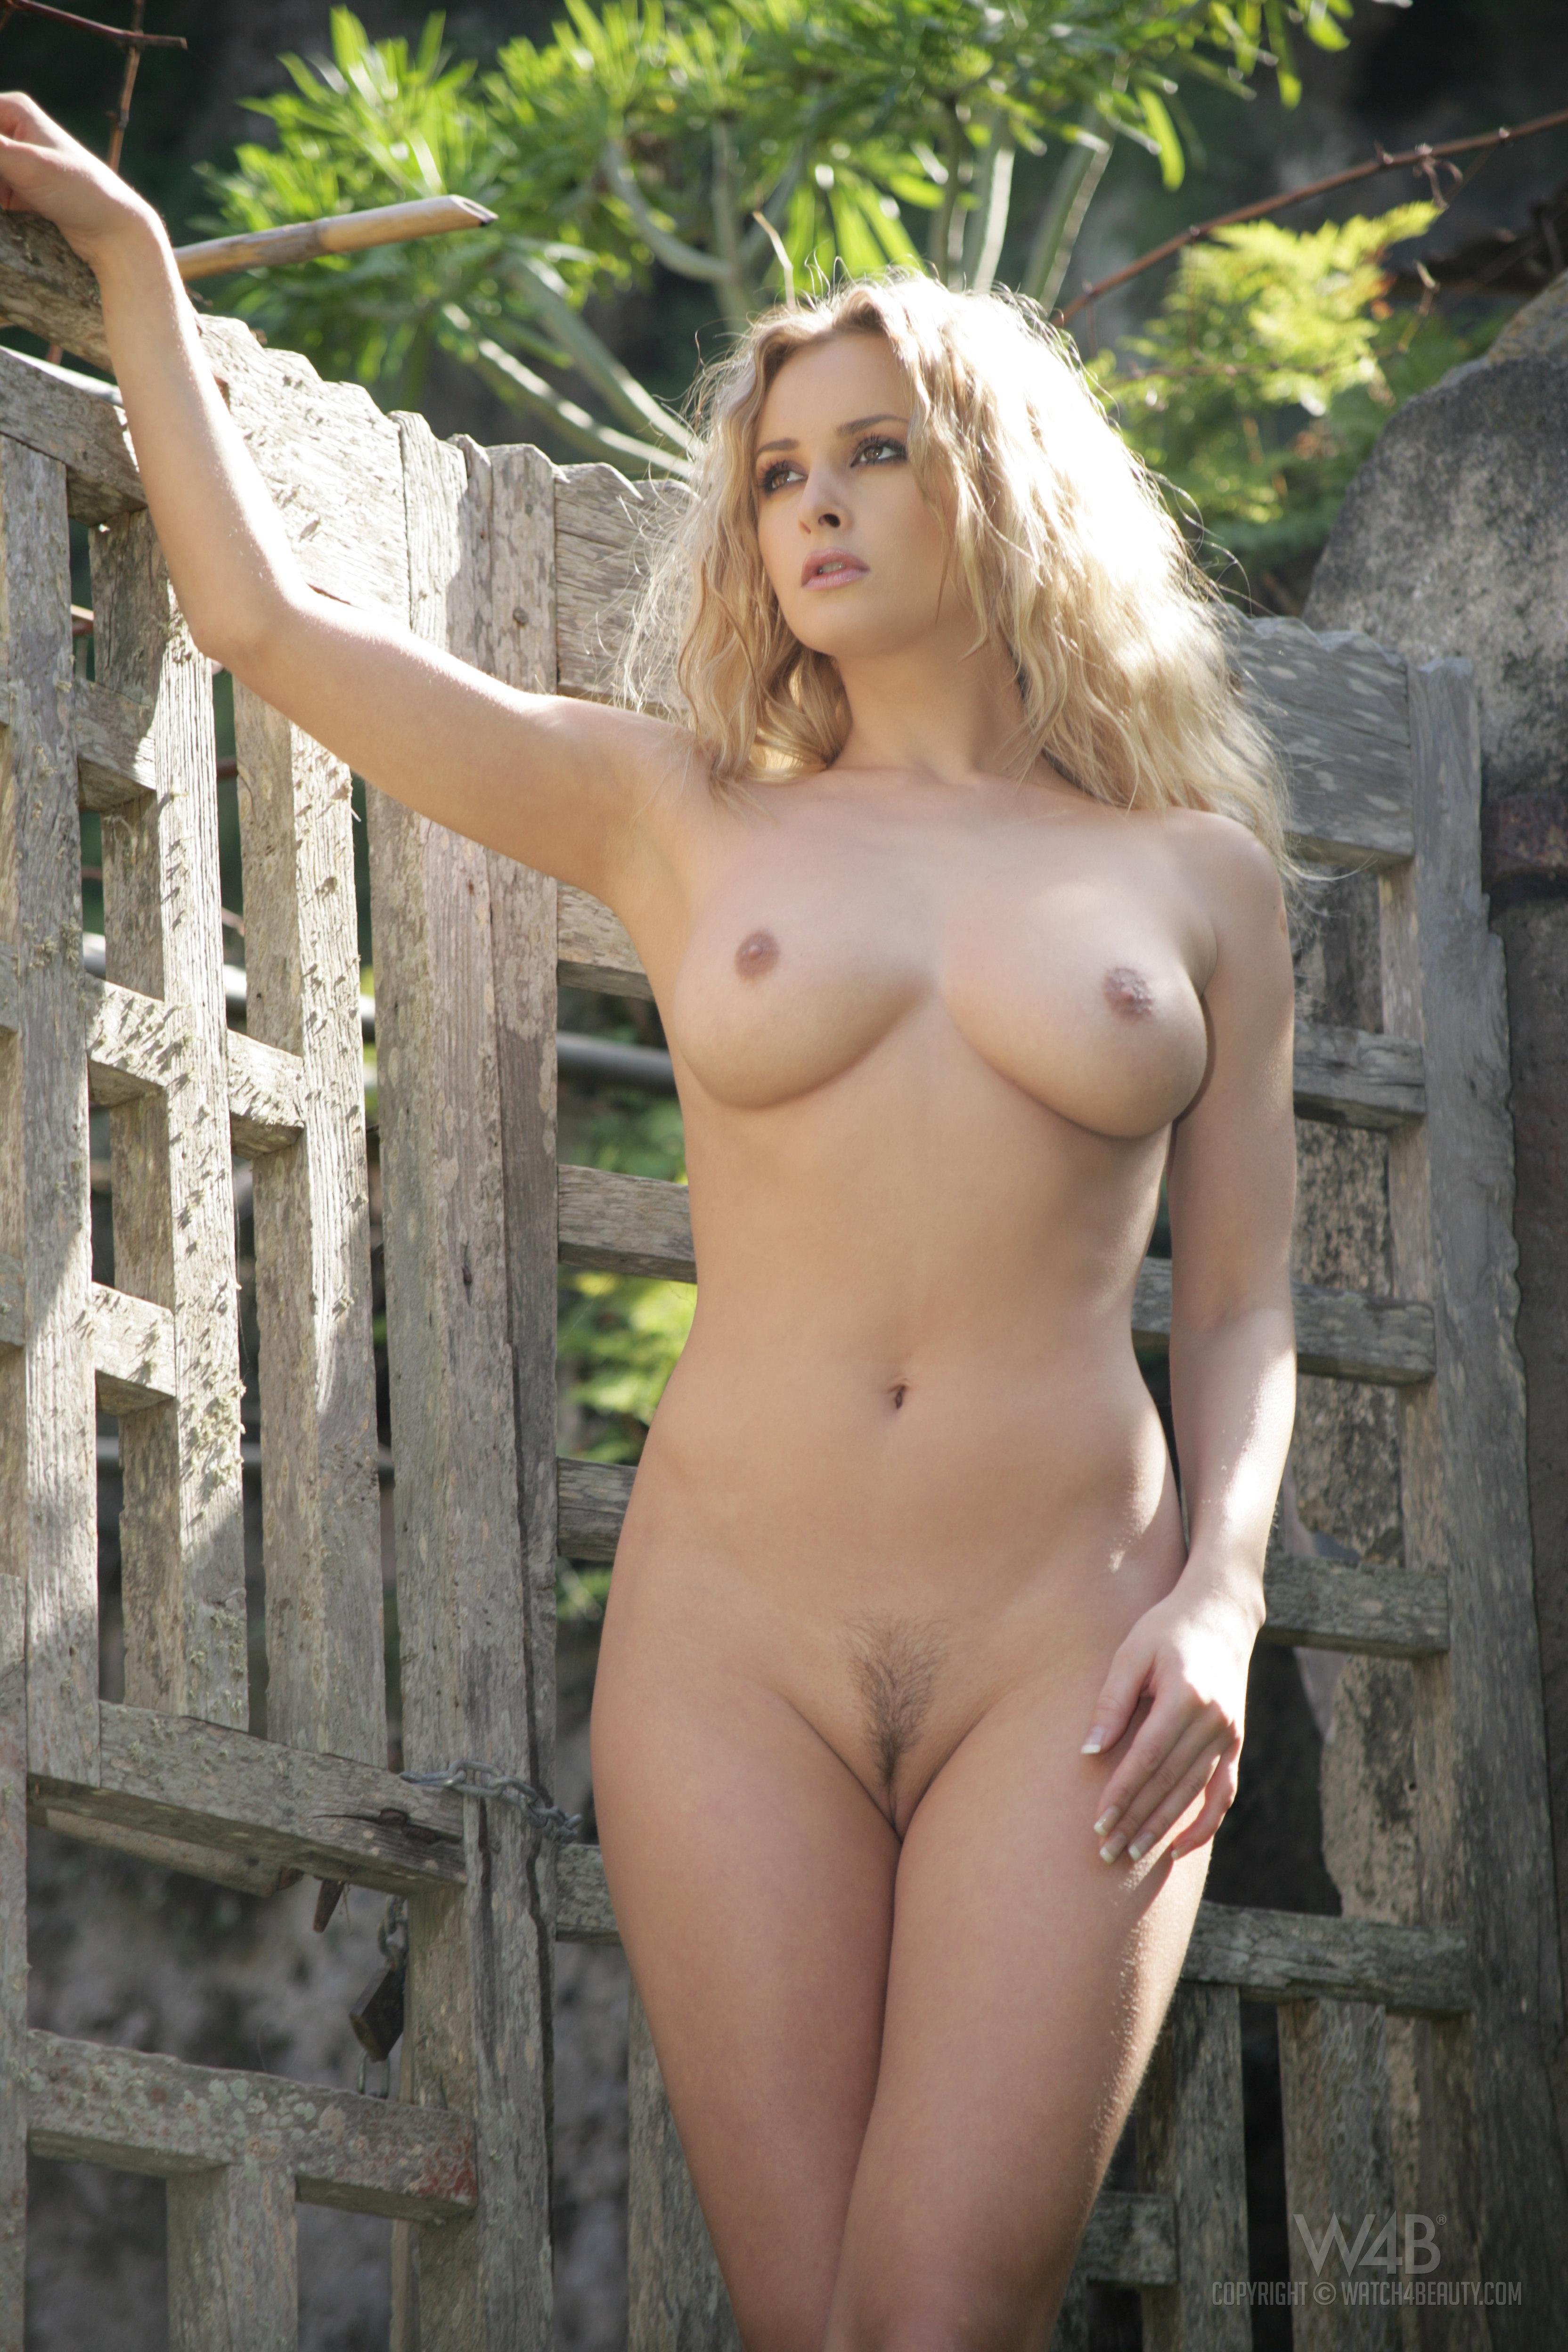 Полячка голая фото, траханье качок и девка